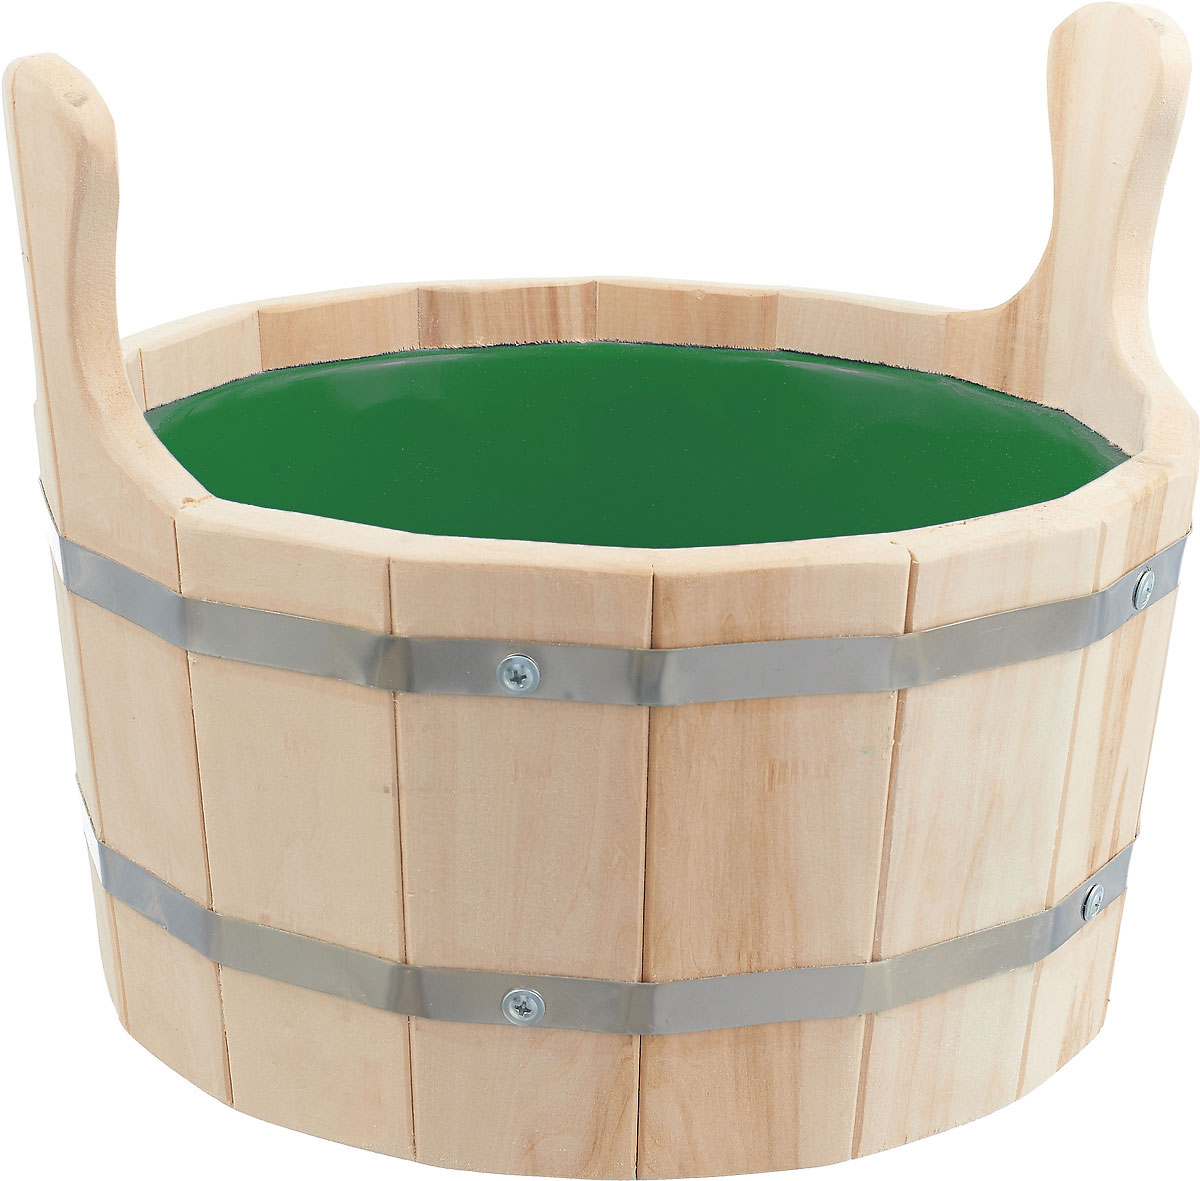 Шайка для бани Невский банщик, с пластиковым вкладышем, цвет: в ассортименте, 4,5 л аптечка полимербыт 6 5 л с вкладышем